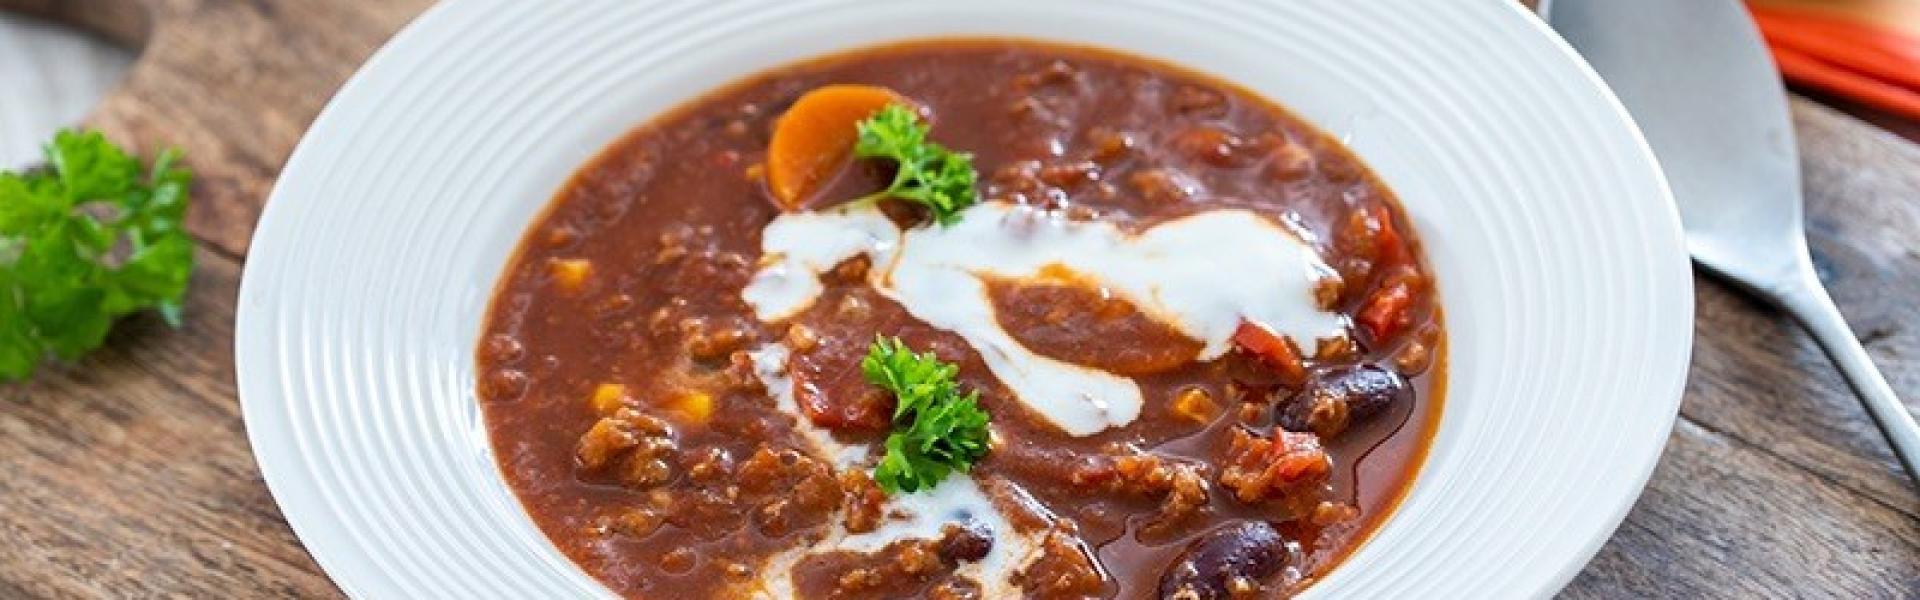 Chili mexikanisch in einem Suppenteller angerichtet.